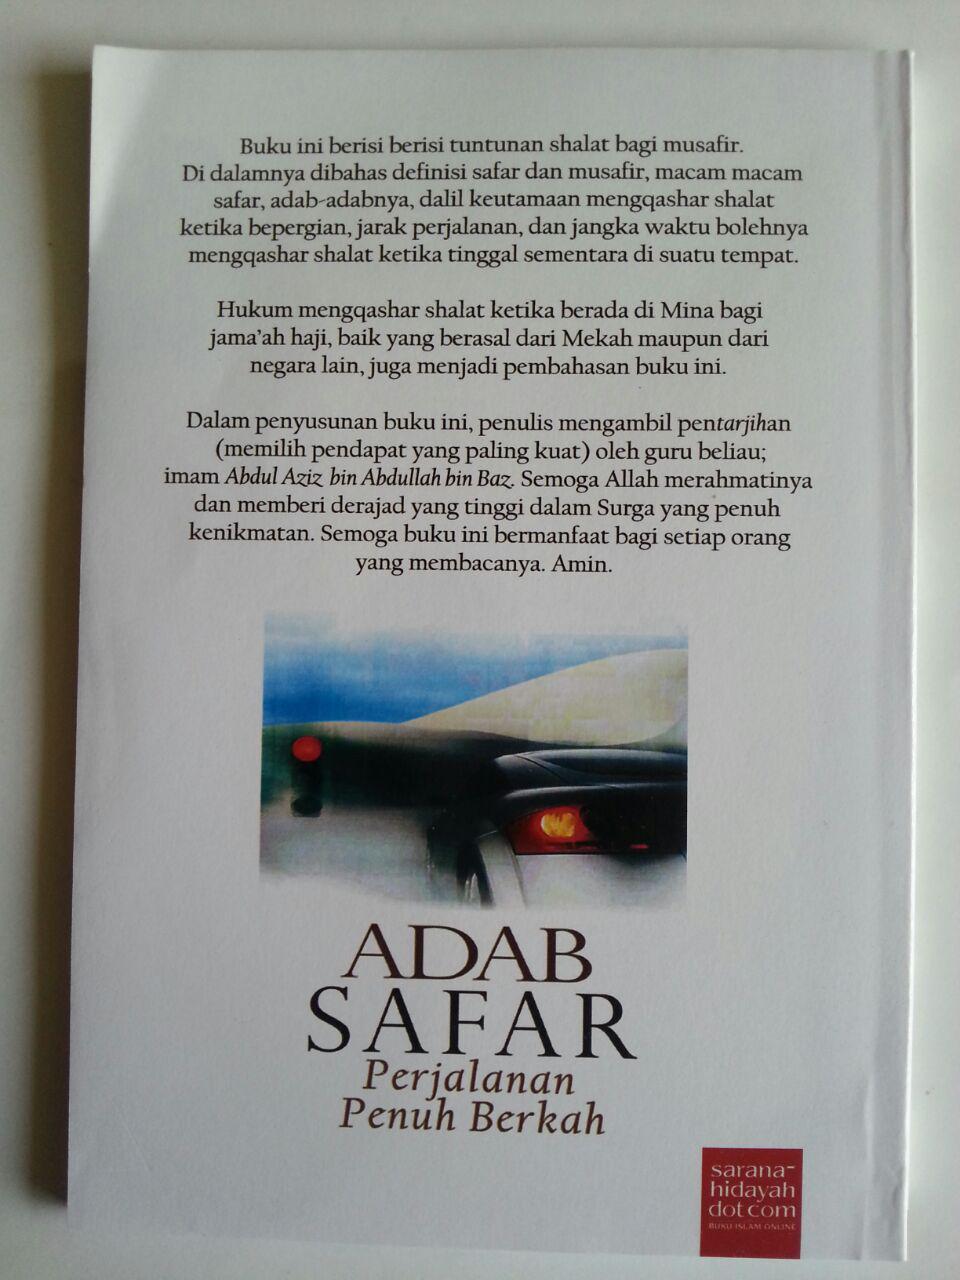 Buku Adab Safar Perjalanan Penuh Berkah cover